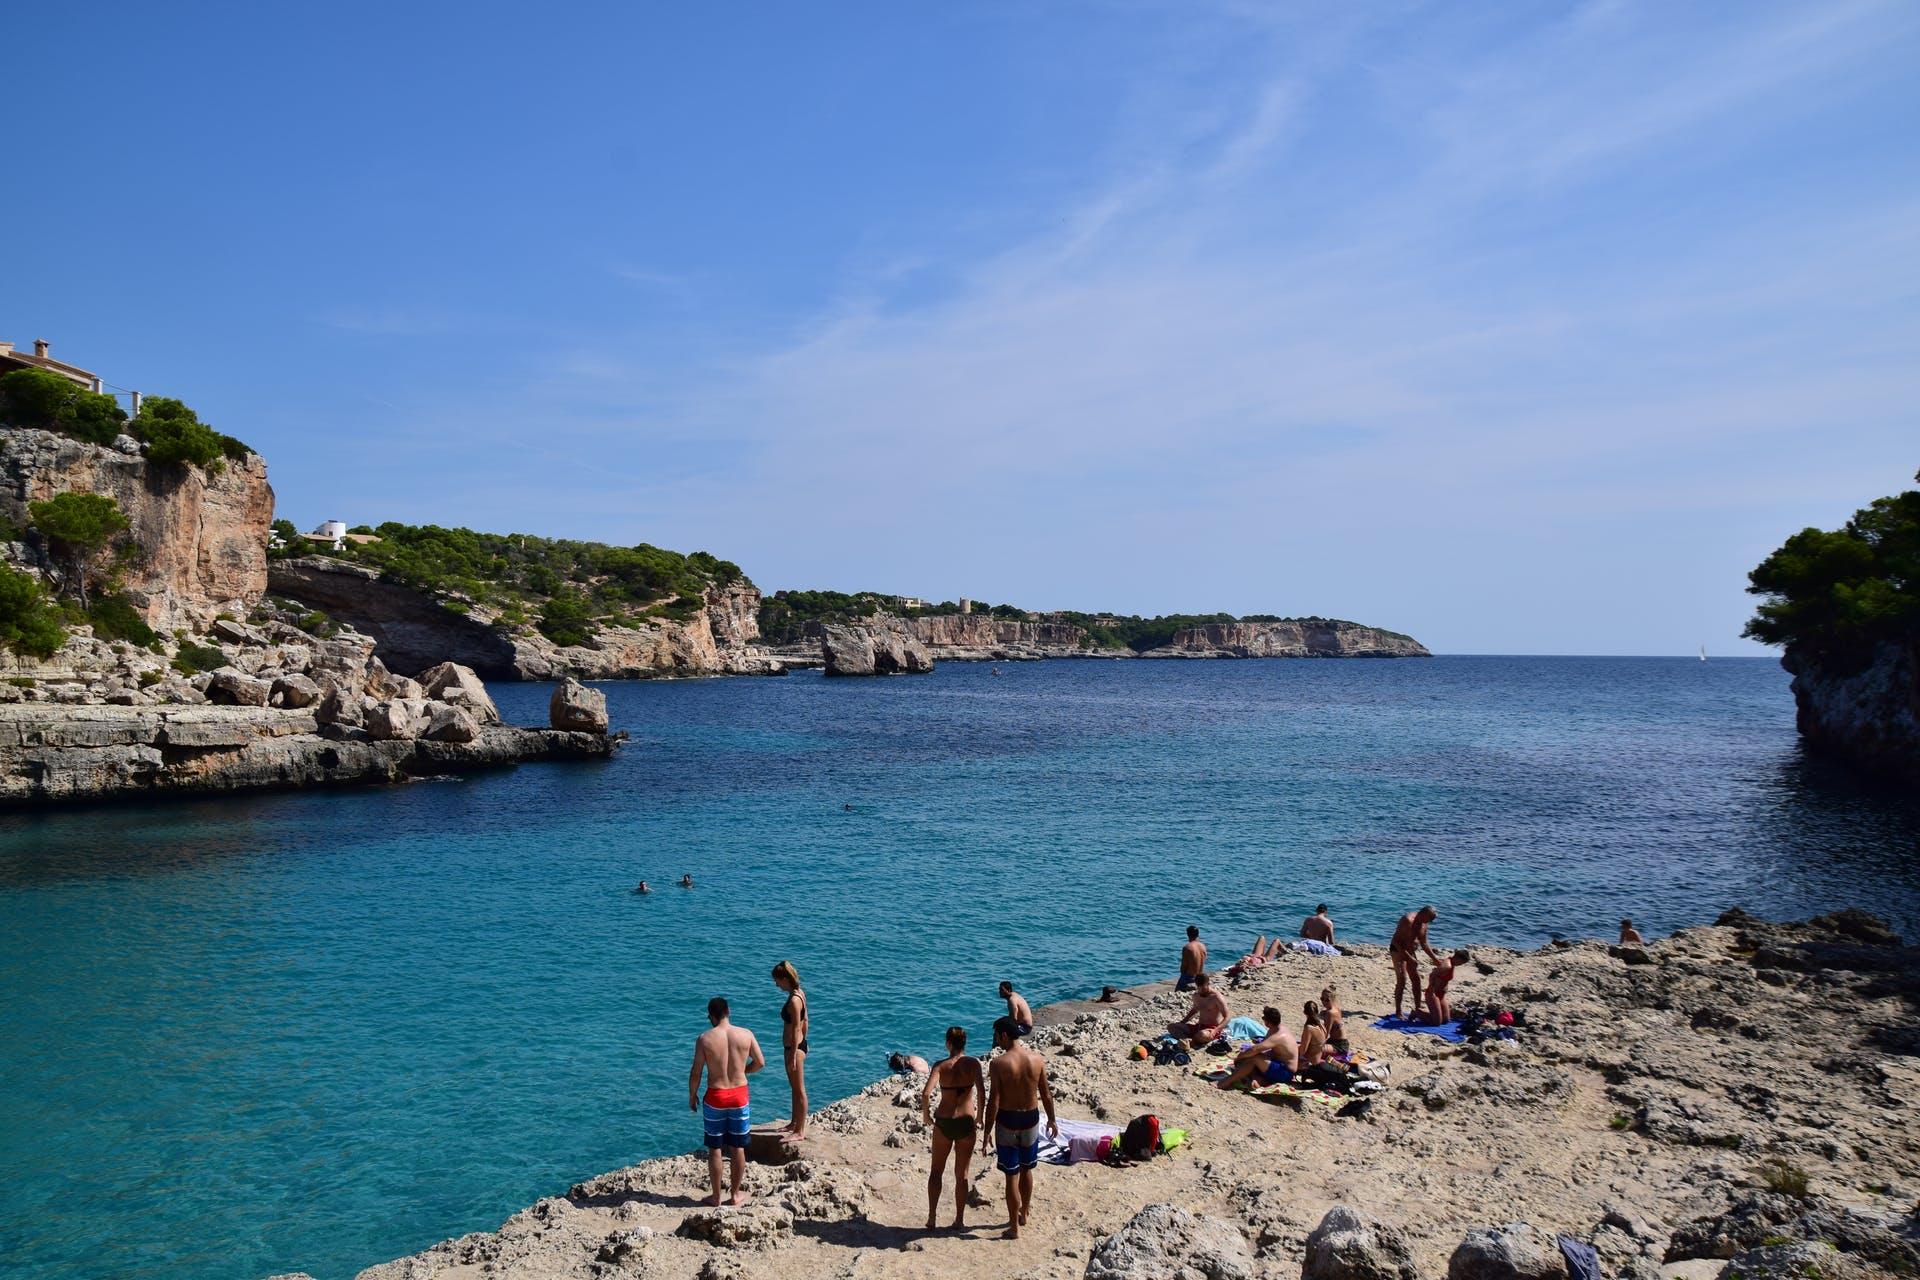 beach mediterranean sea ocean